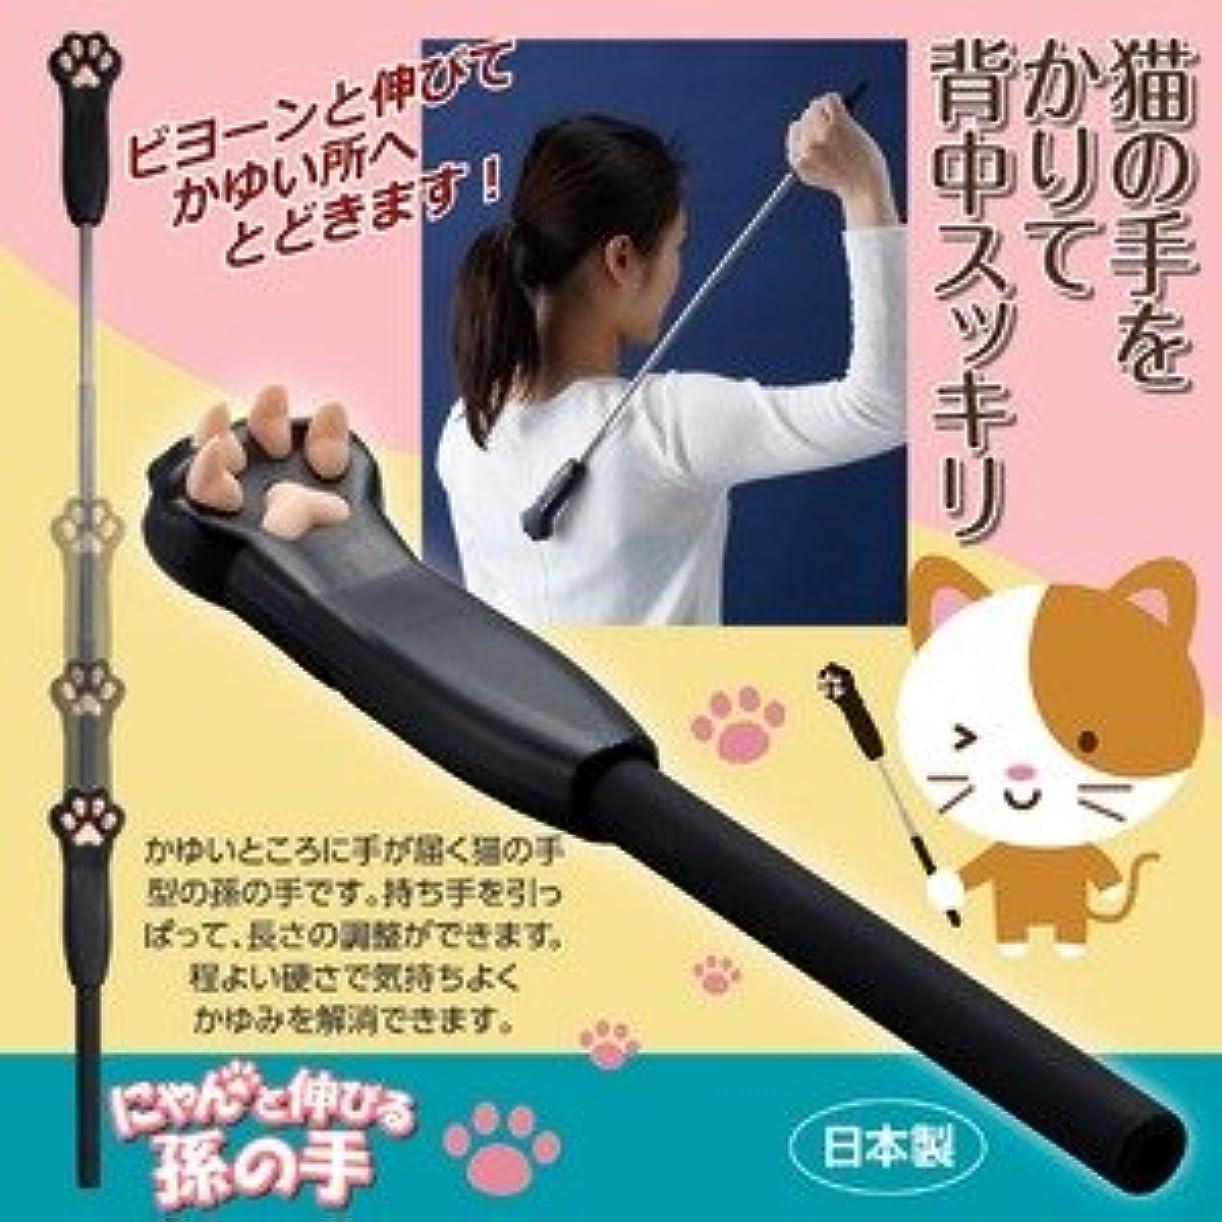 スクラップ修復助言するにゃんと伸びる孫の手(伸縮式孫の手) ステンレススチール 日本製 ds-1497058